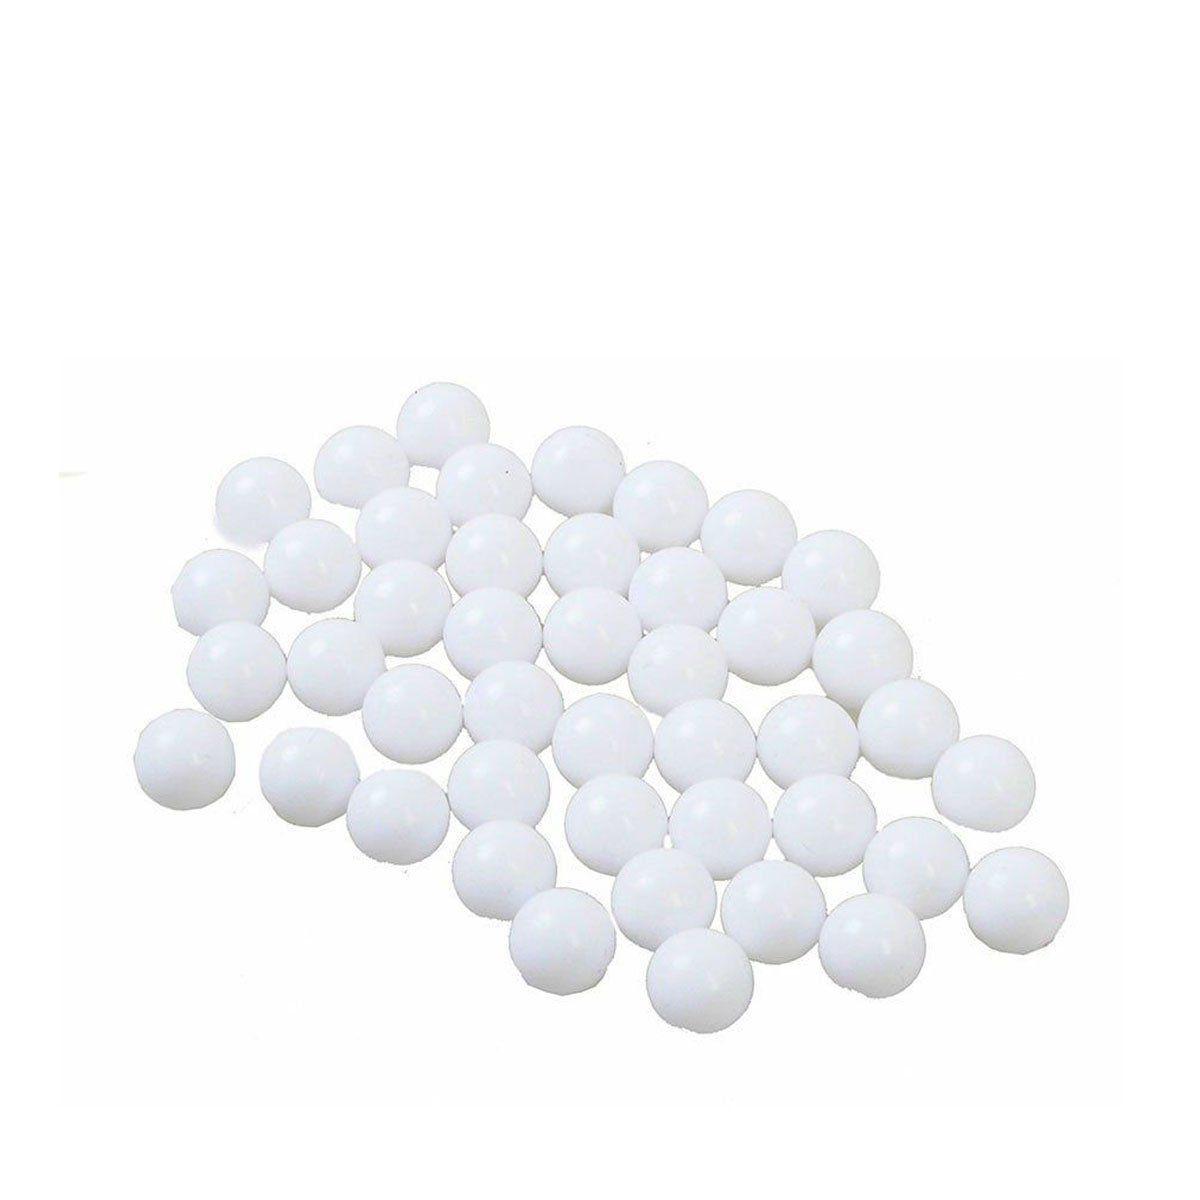 Esferas Plasticas BBs Spartan Calibre 5,95mm 0,20g - 5000 Unidades